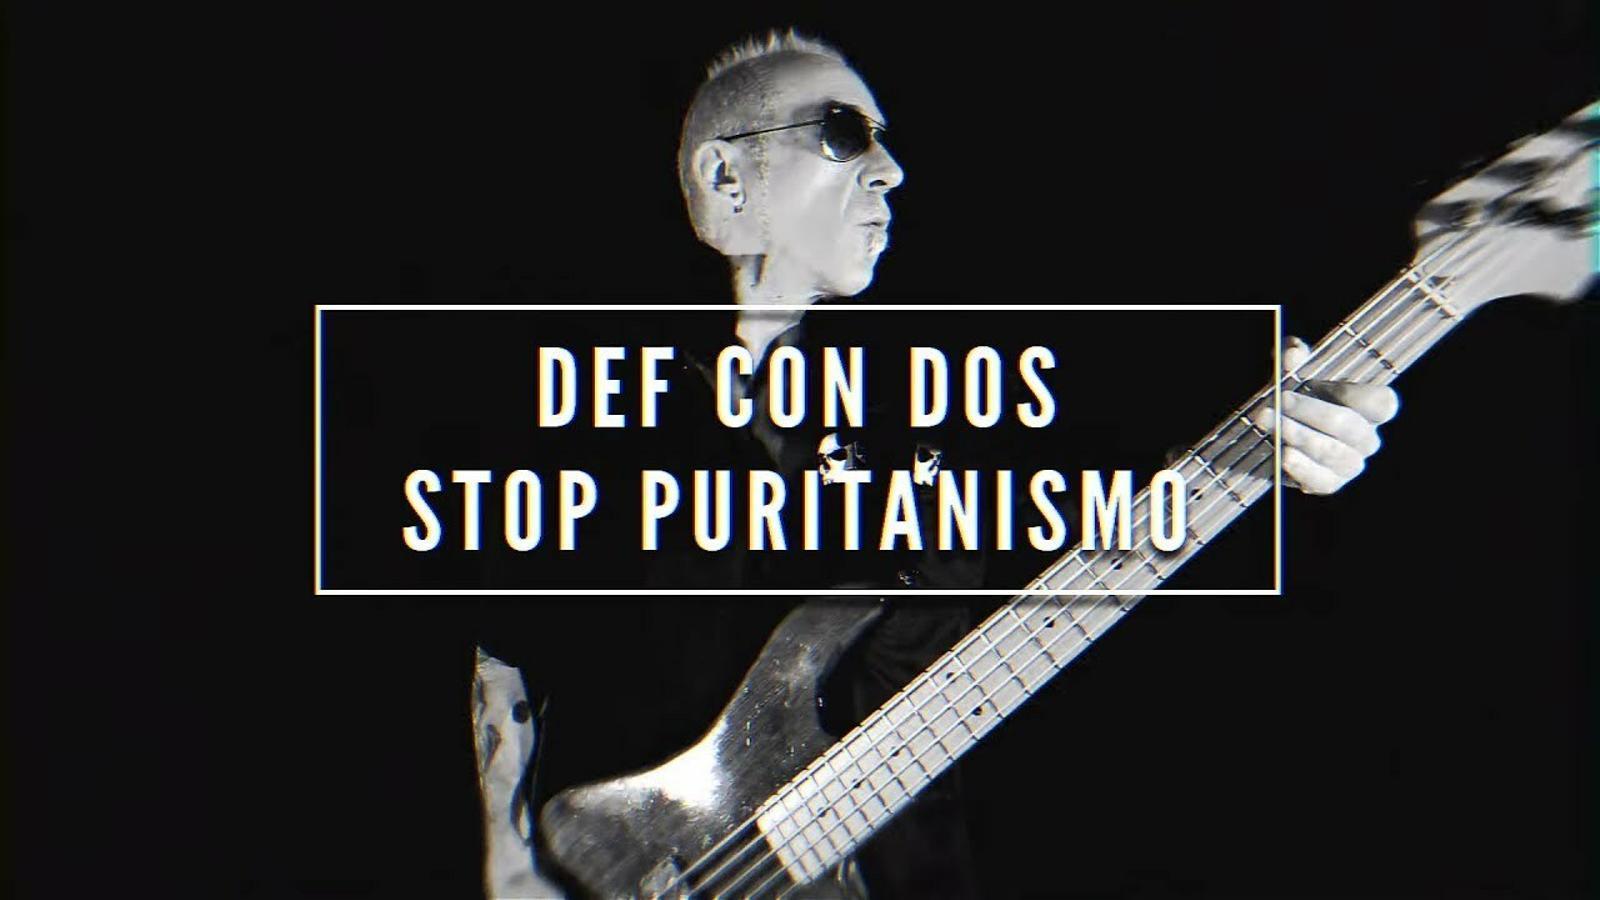 'Stop puritanismo', de Def Con Dos